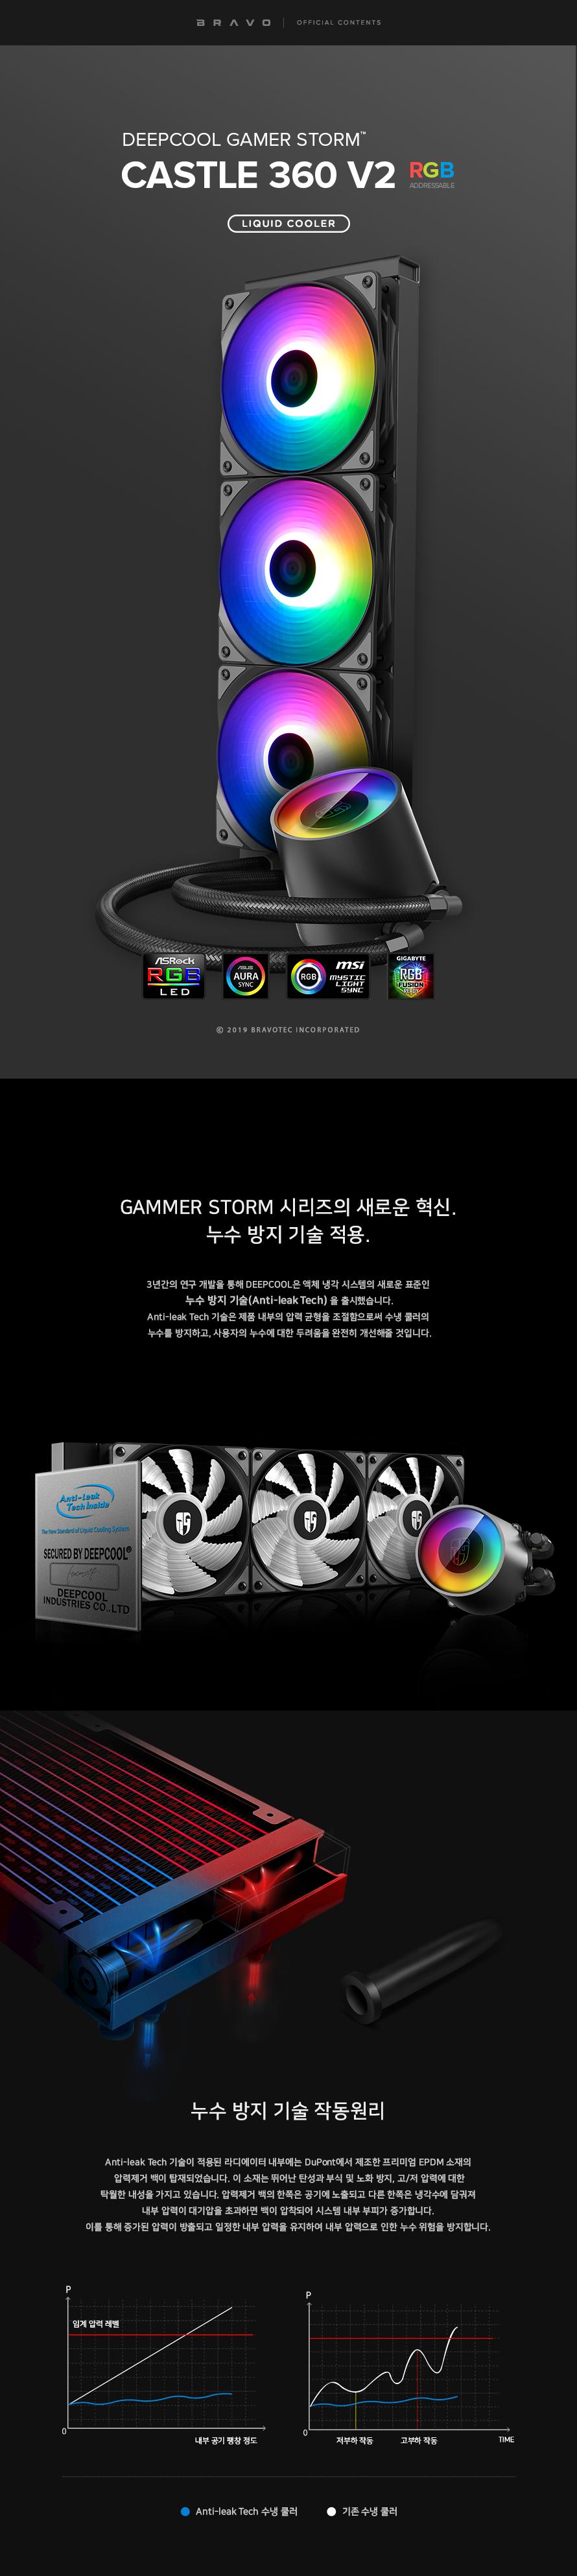 DEEPCOOL GAMER STORM CASTLE 360 RGB V2